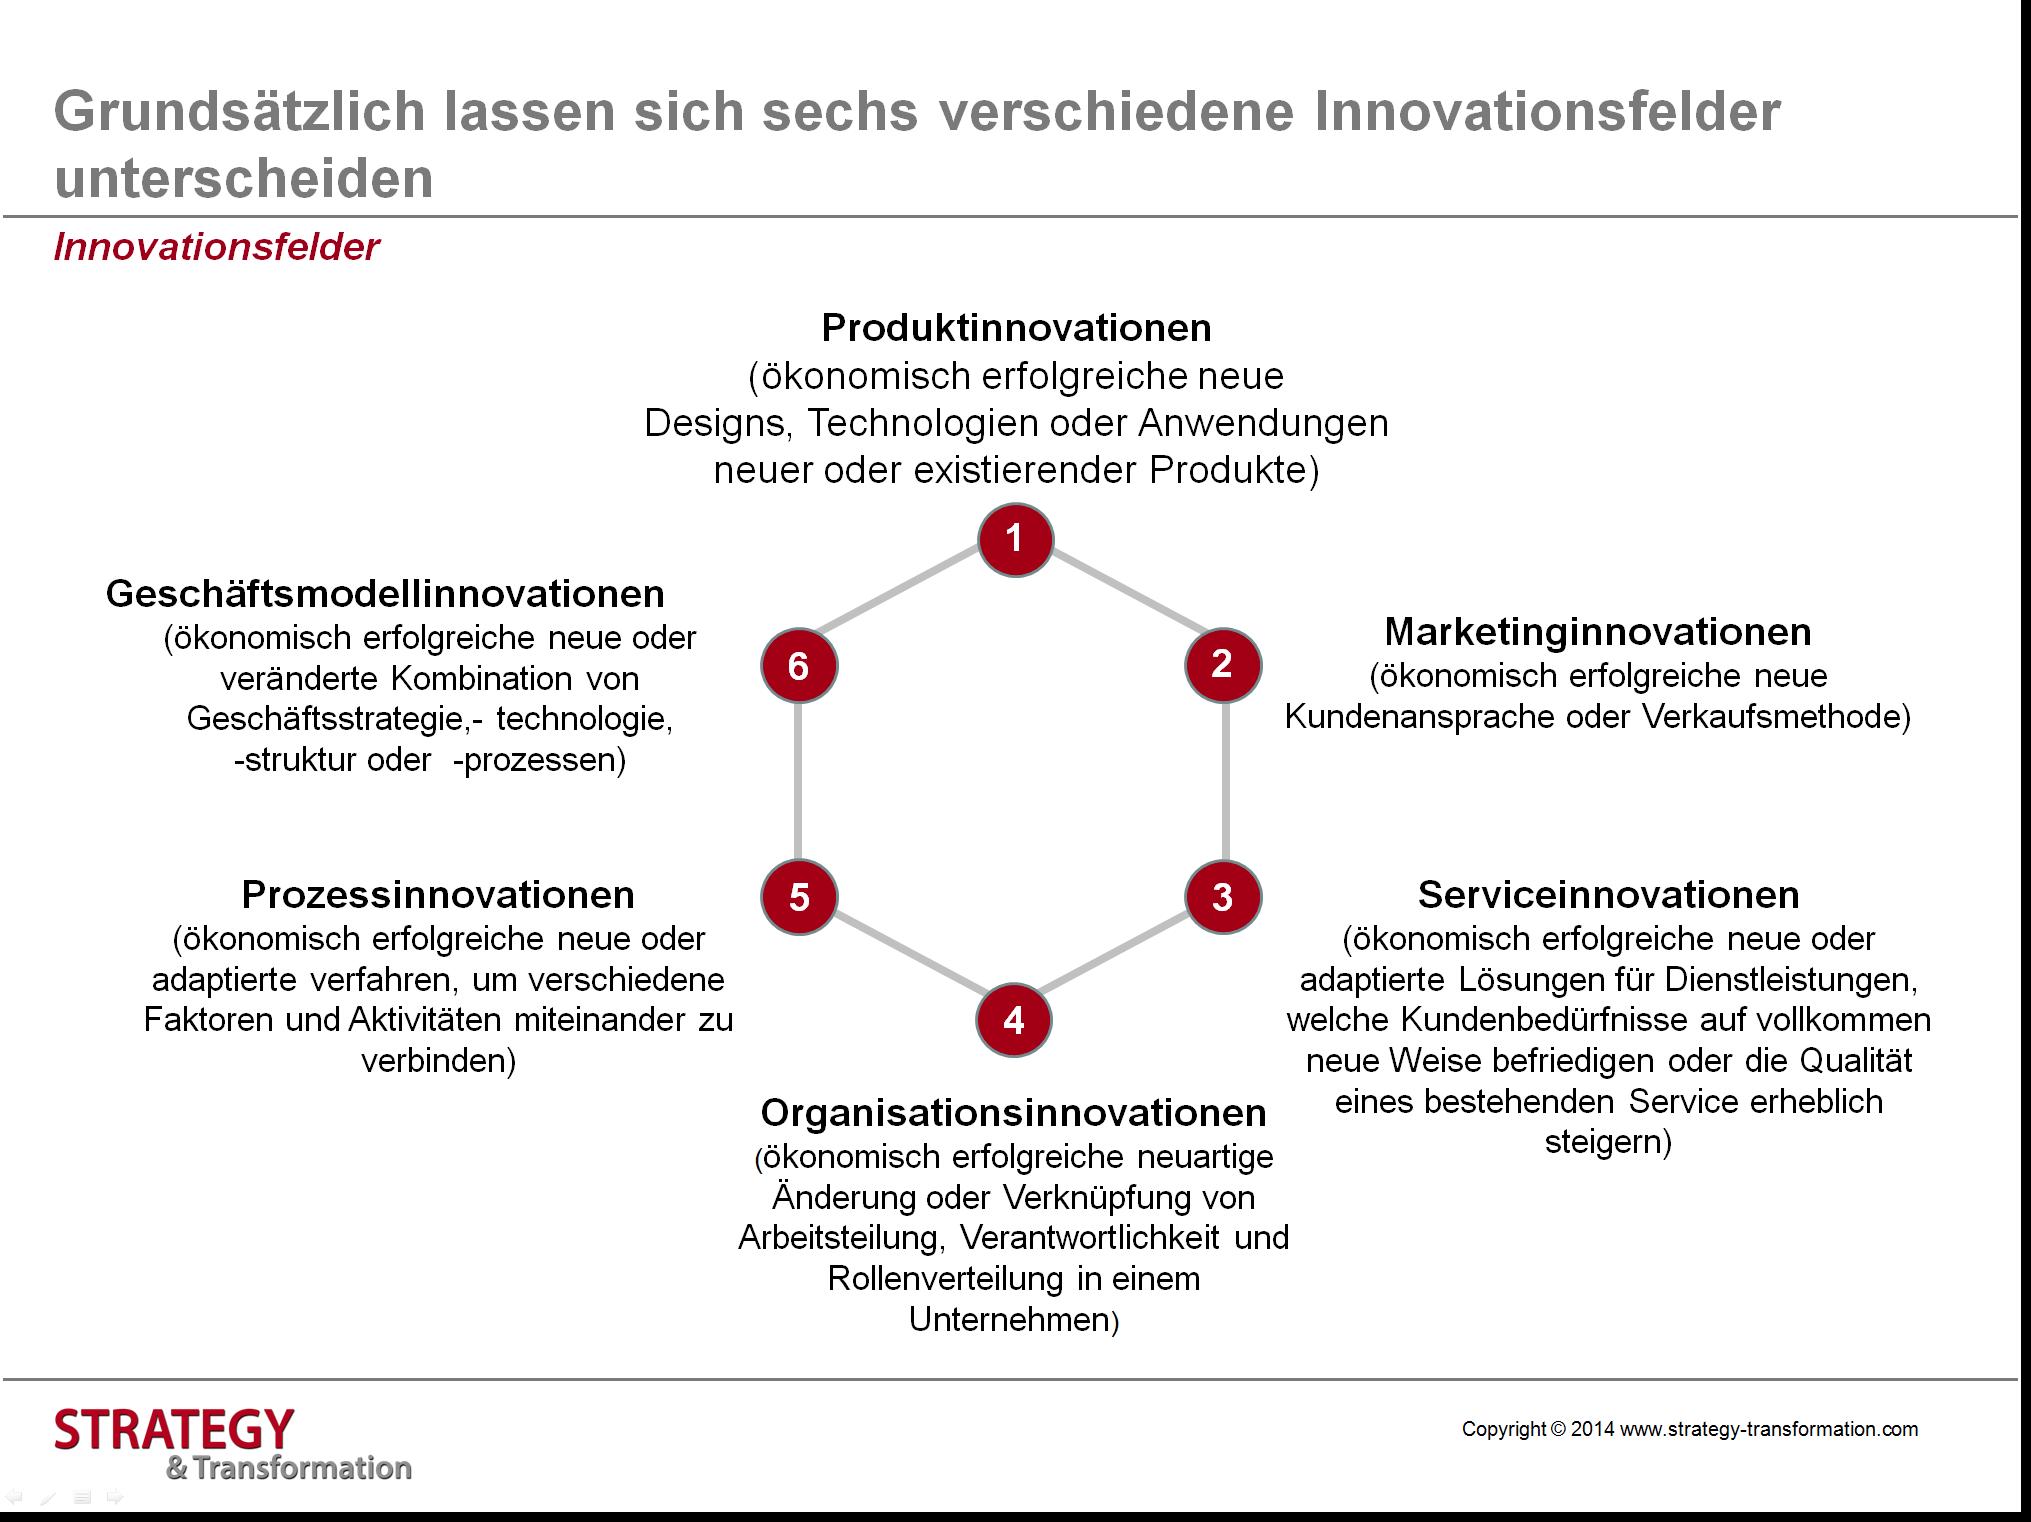 Innovationsmanagement hat die Entwicklung und Markteinführung von ...